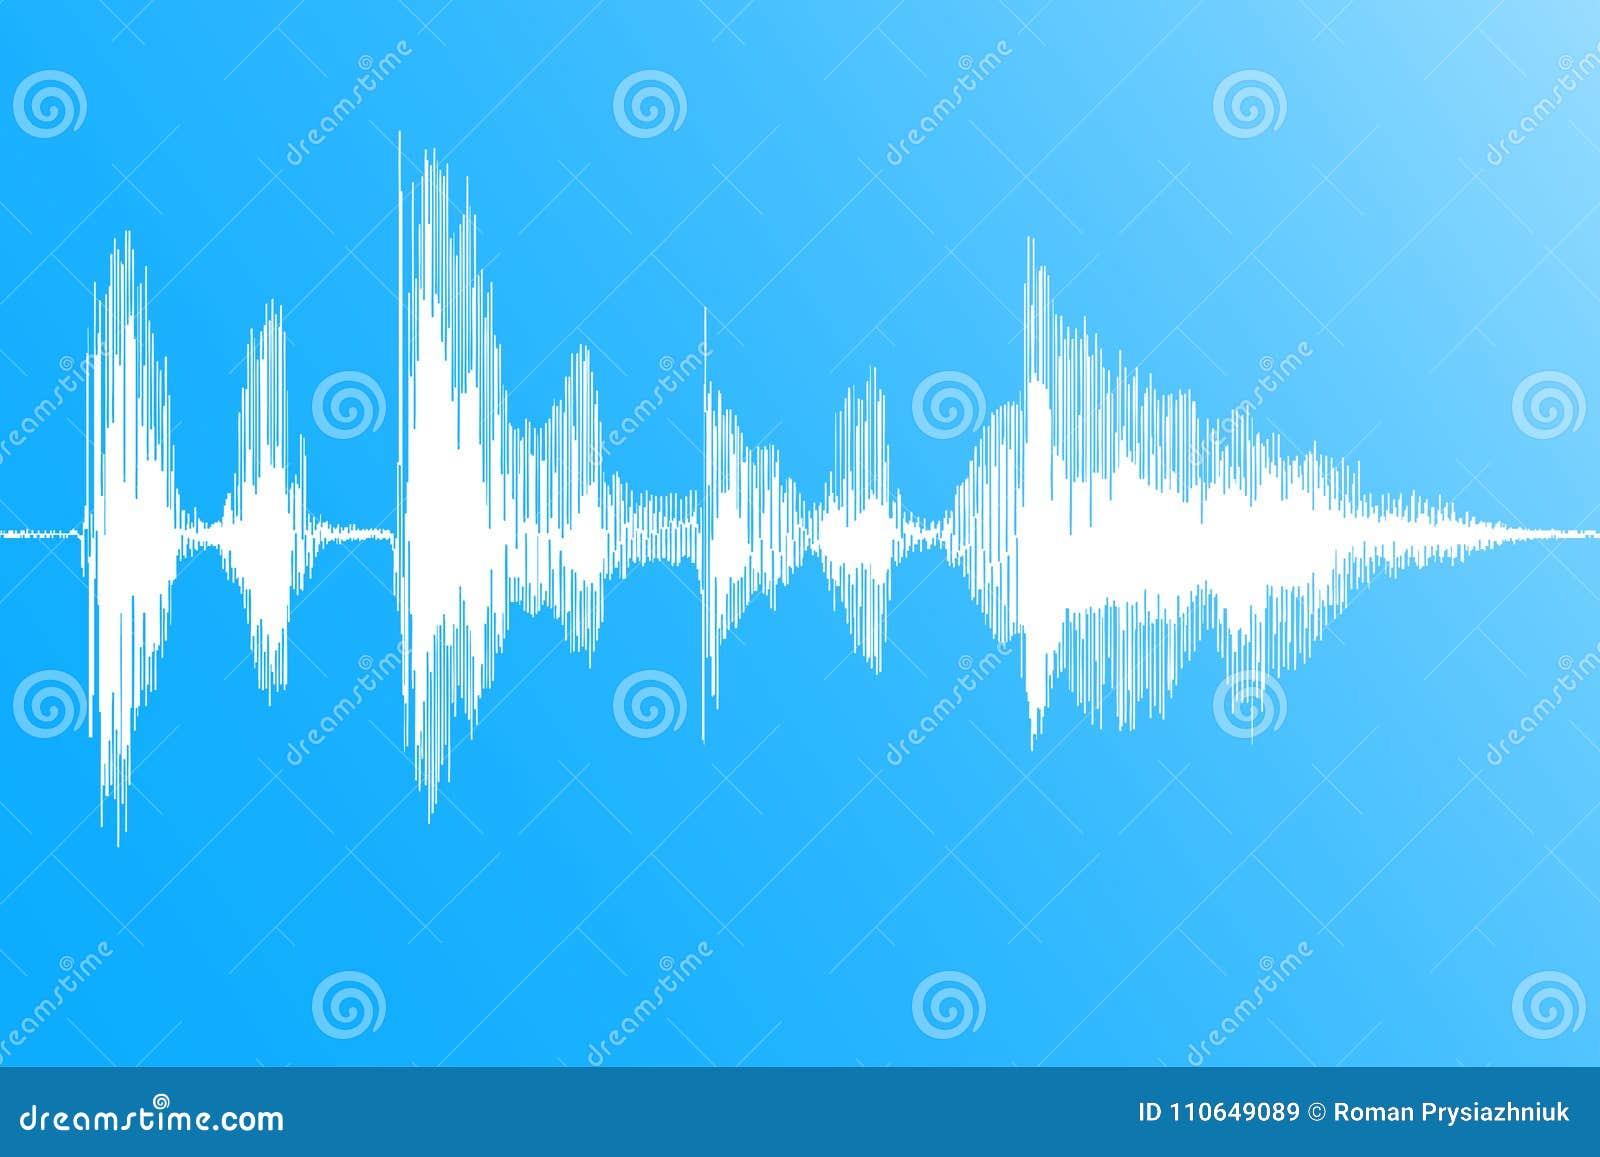 Rozsądna fala Realistyczny dynamiczny soundwave, muzyczny cyfrowy przepływ na błękitnym tle wektor